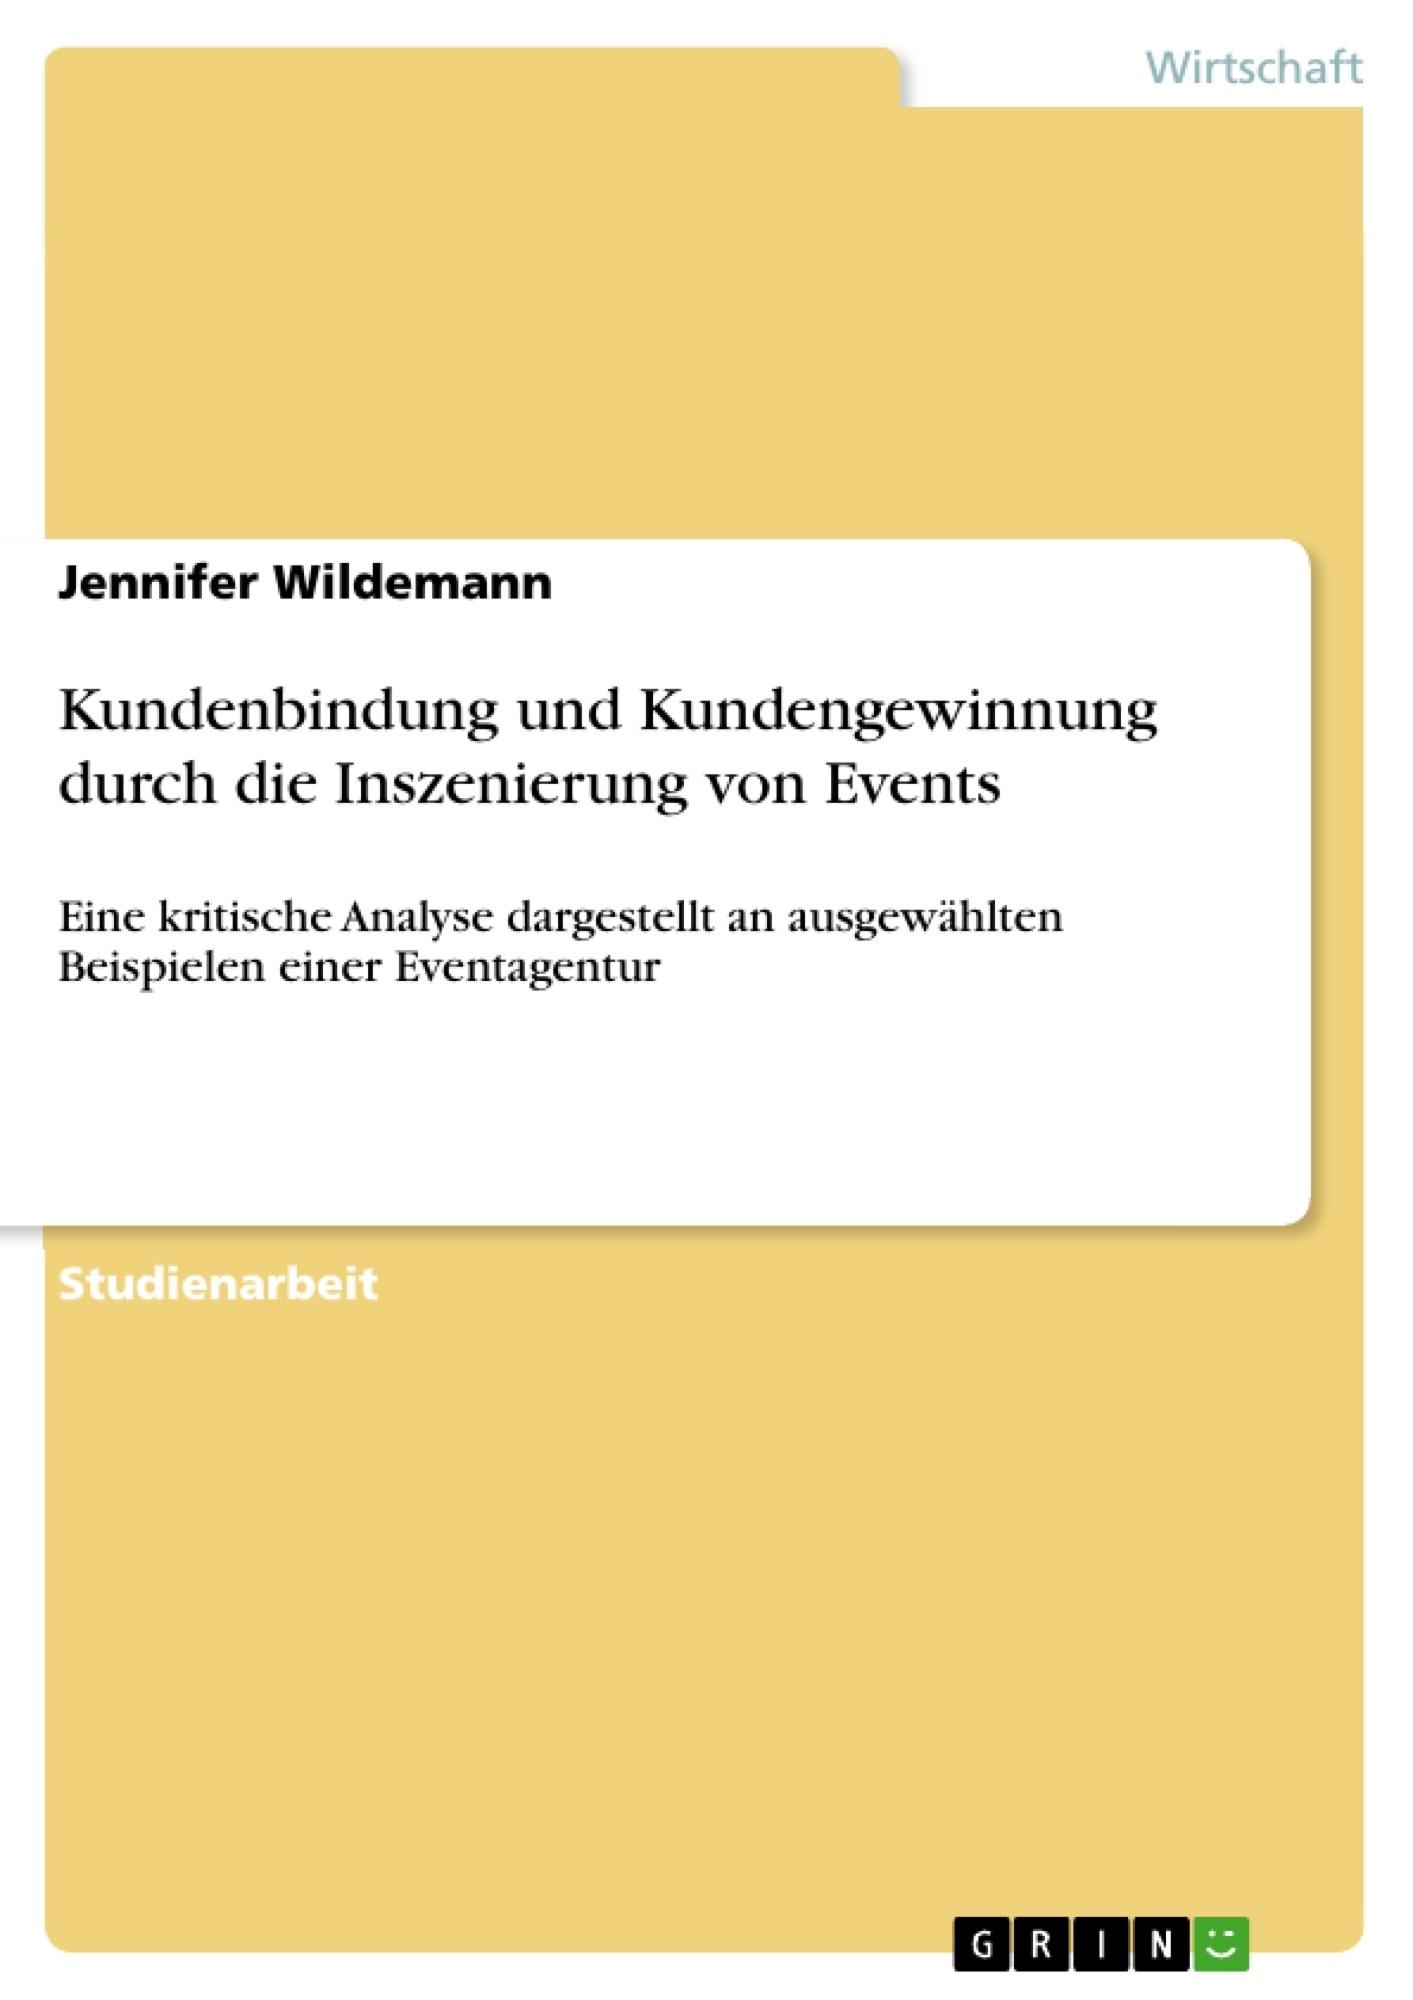 Titel: Kundenbindung und Kundengewinnung durch die Inszenierung von Events